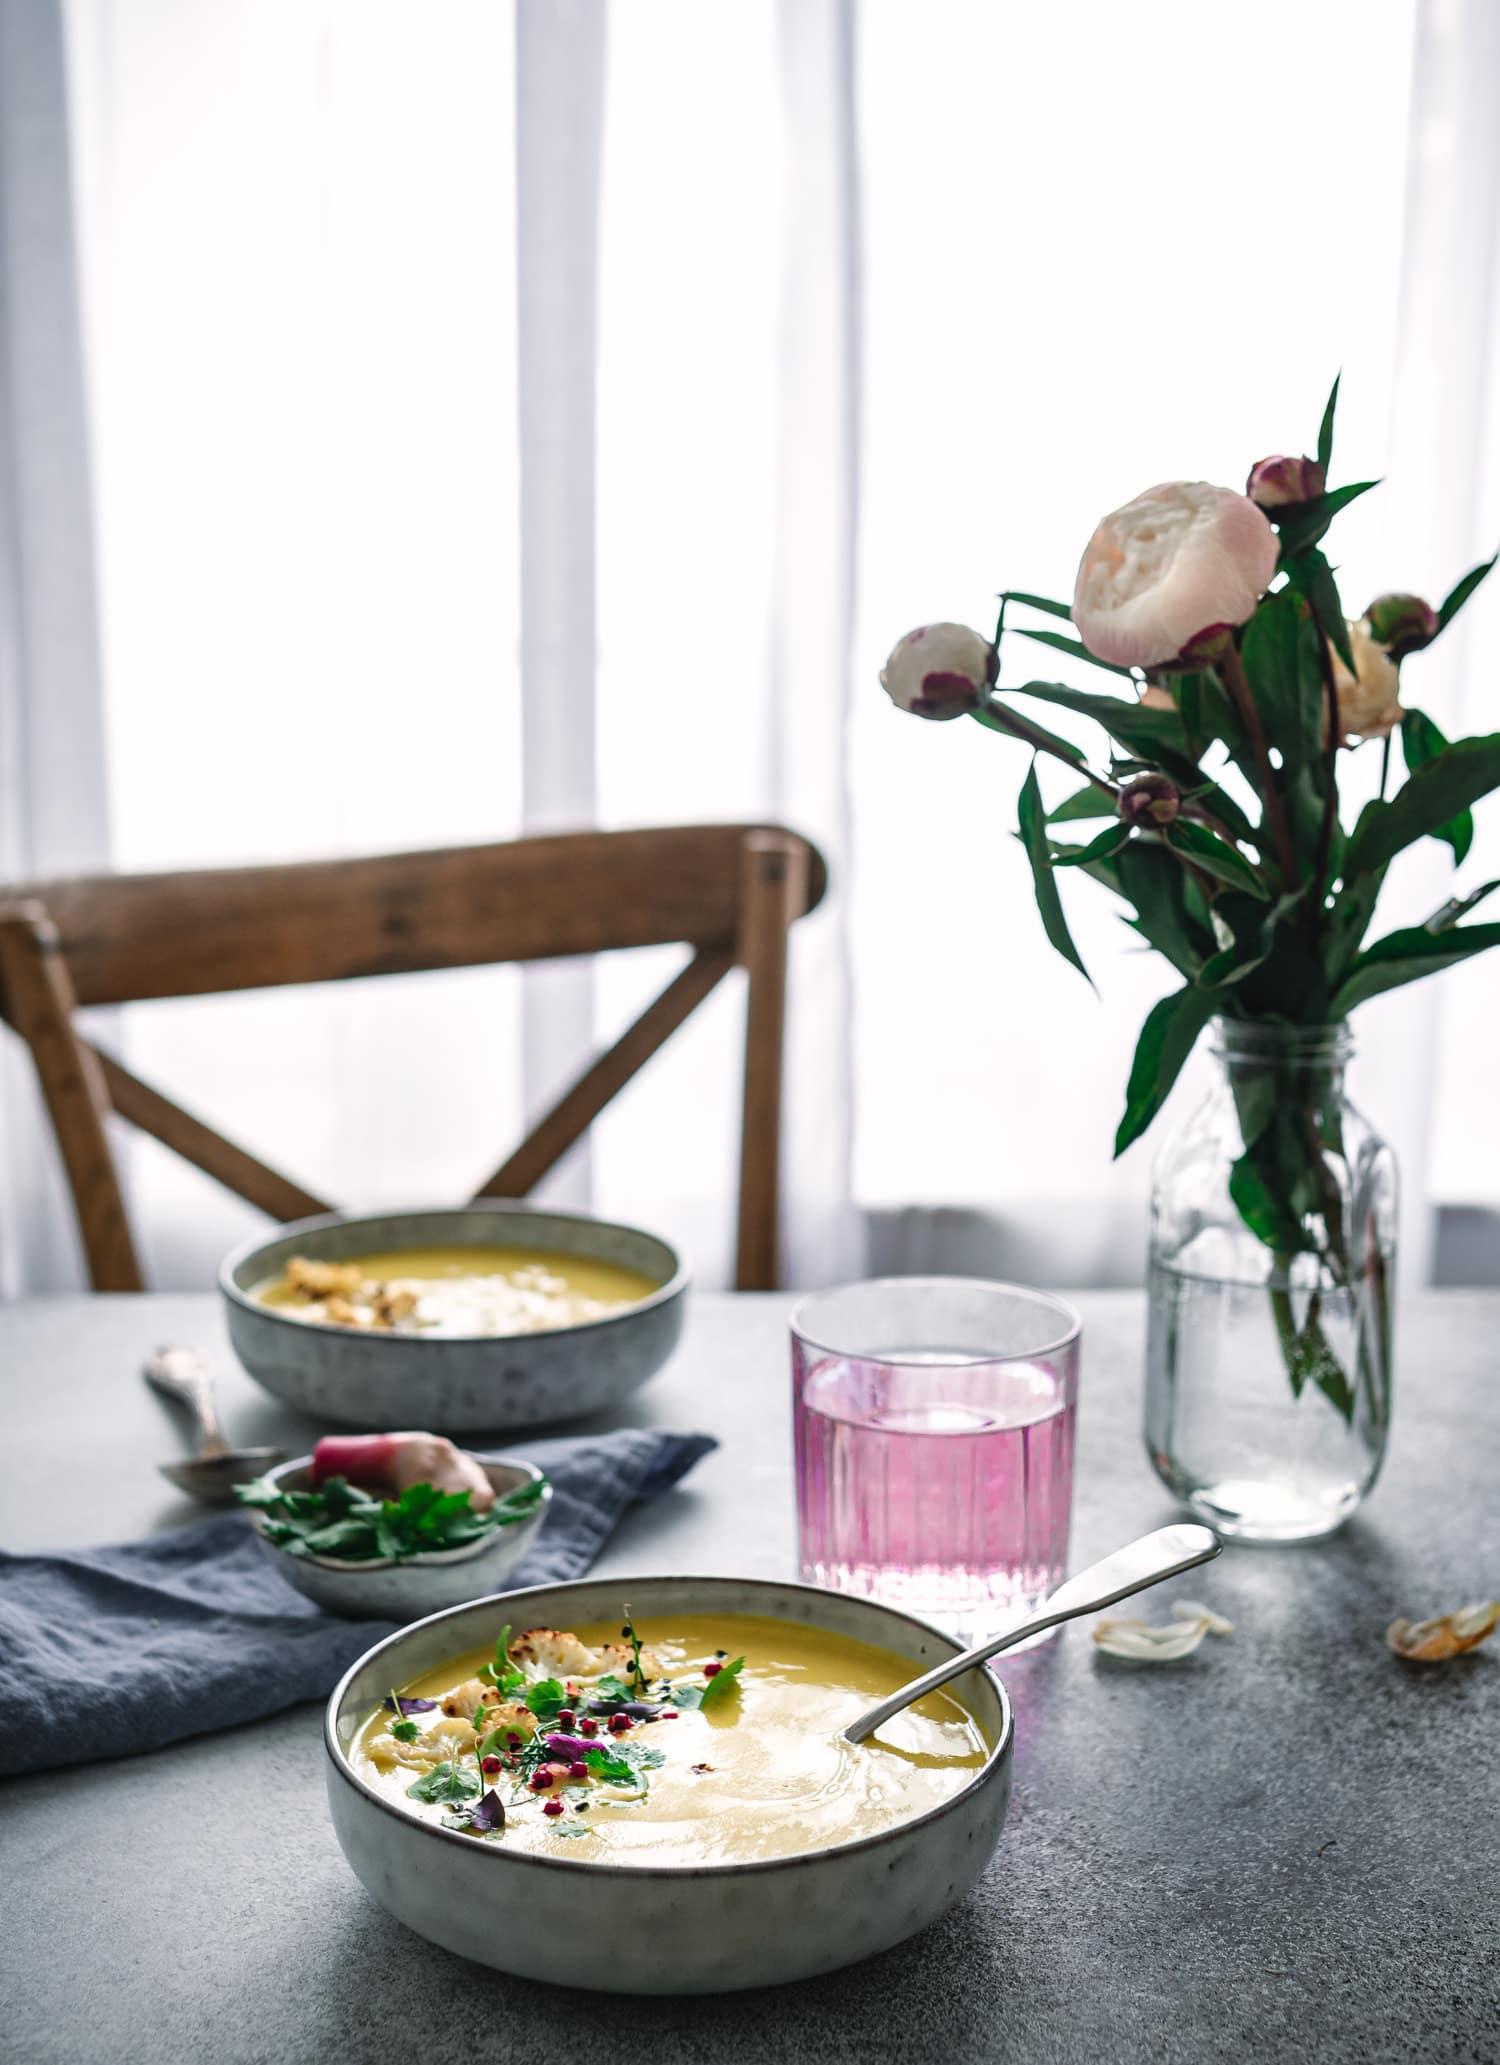 Kokossuppe mit Blumenkohl und ayurvedischen Gewürzen.